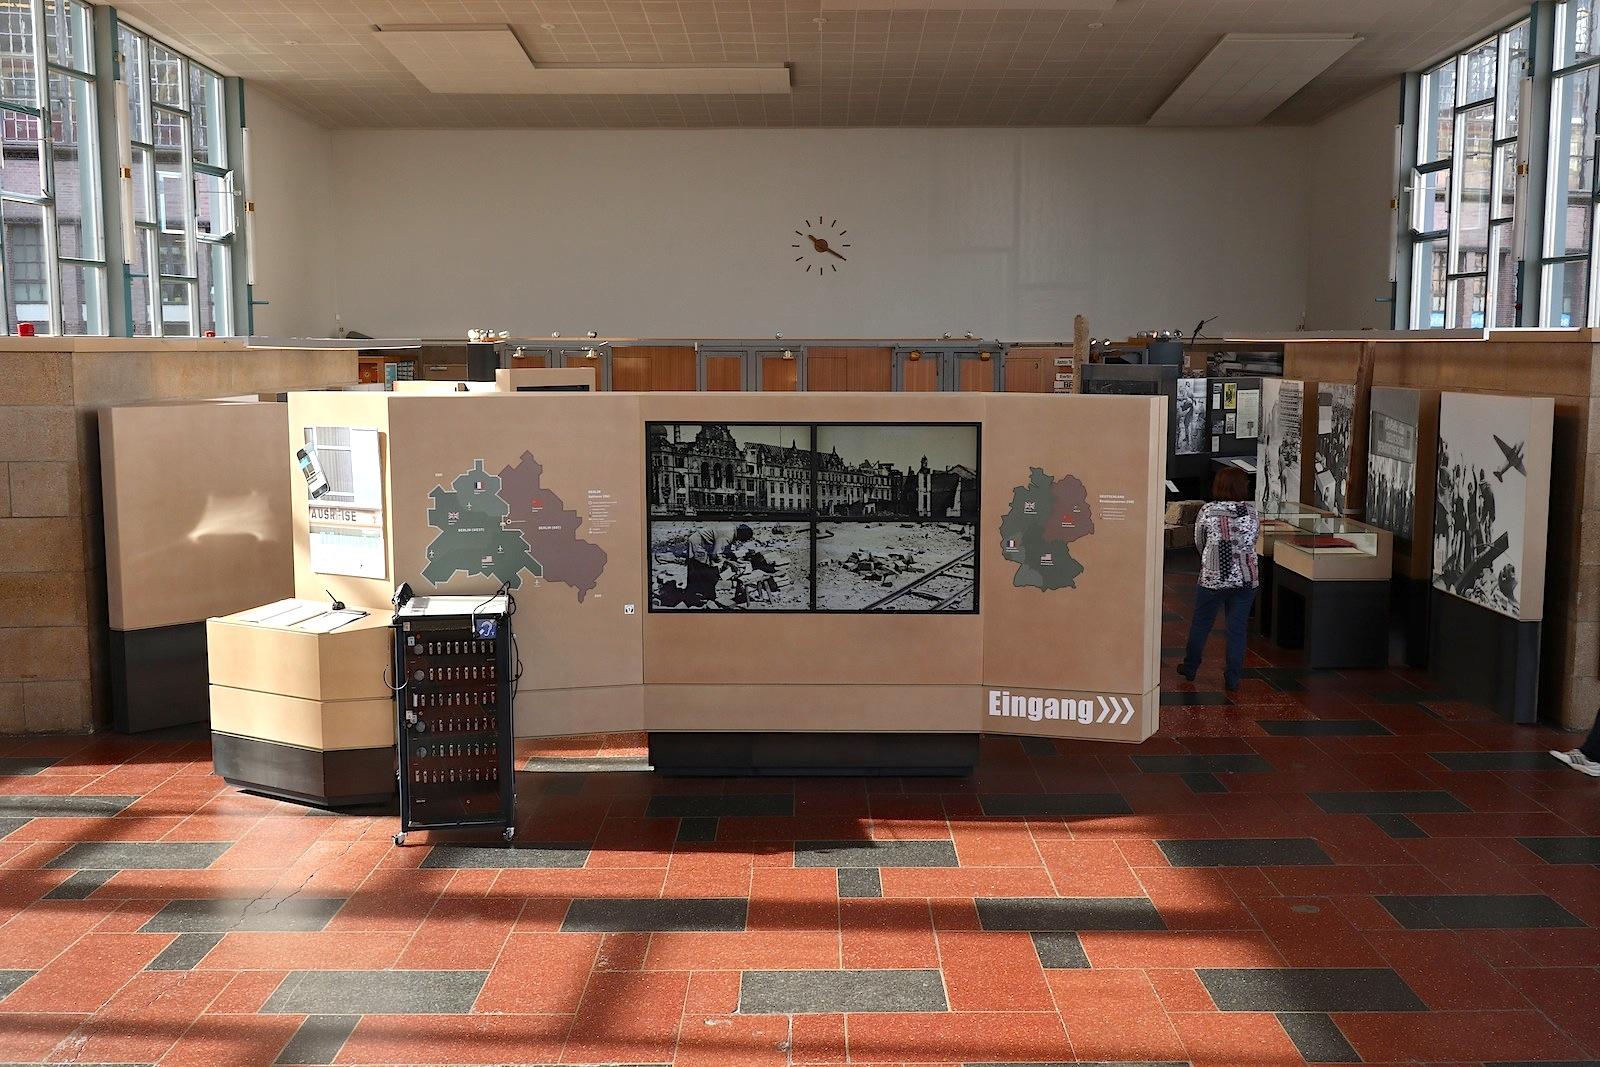 Tränenpalast. Lichtdurchfluteter Ausstellungsraum